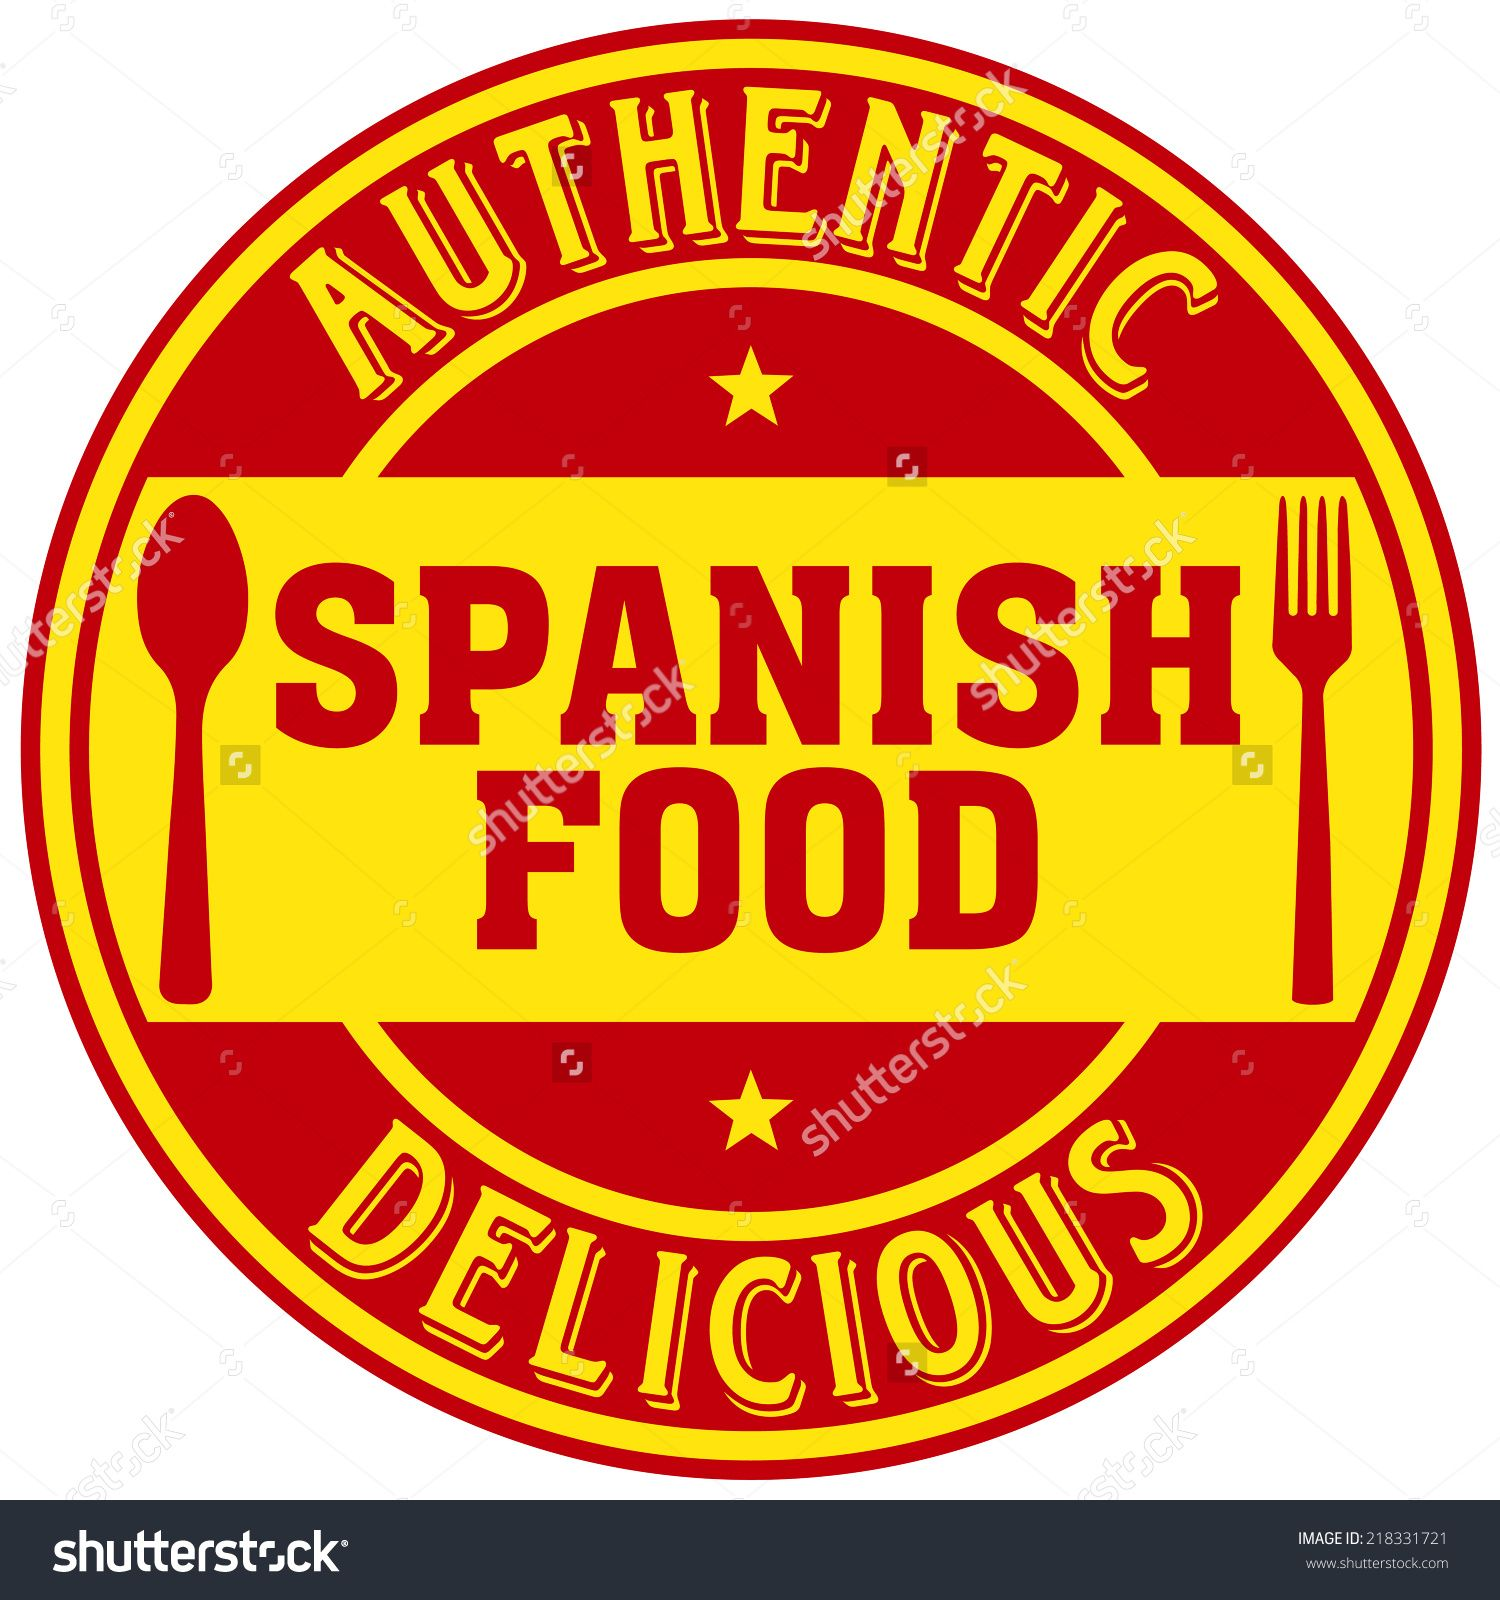 Spanish Food Label Ilustración vectorial en stock